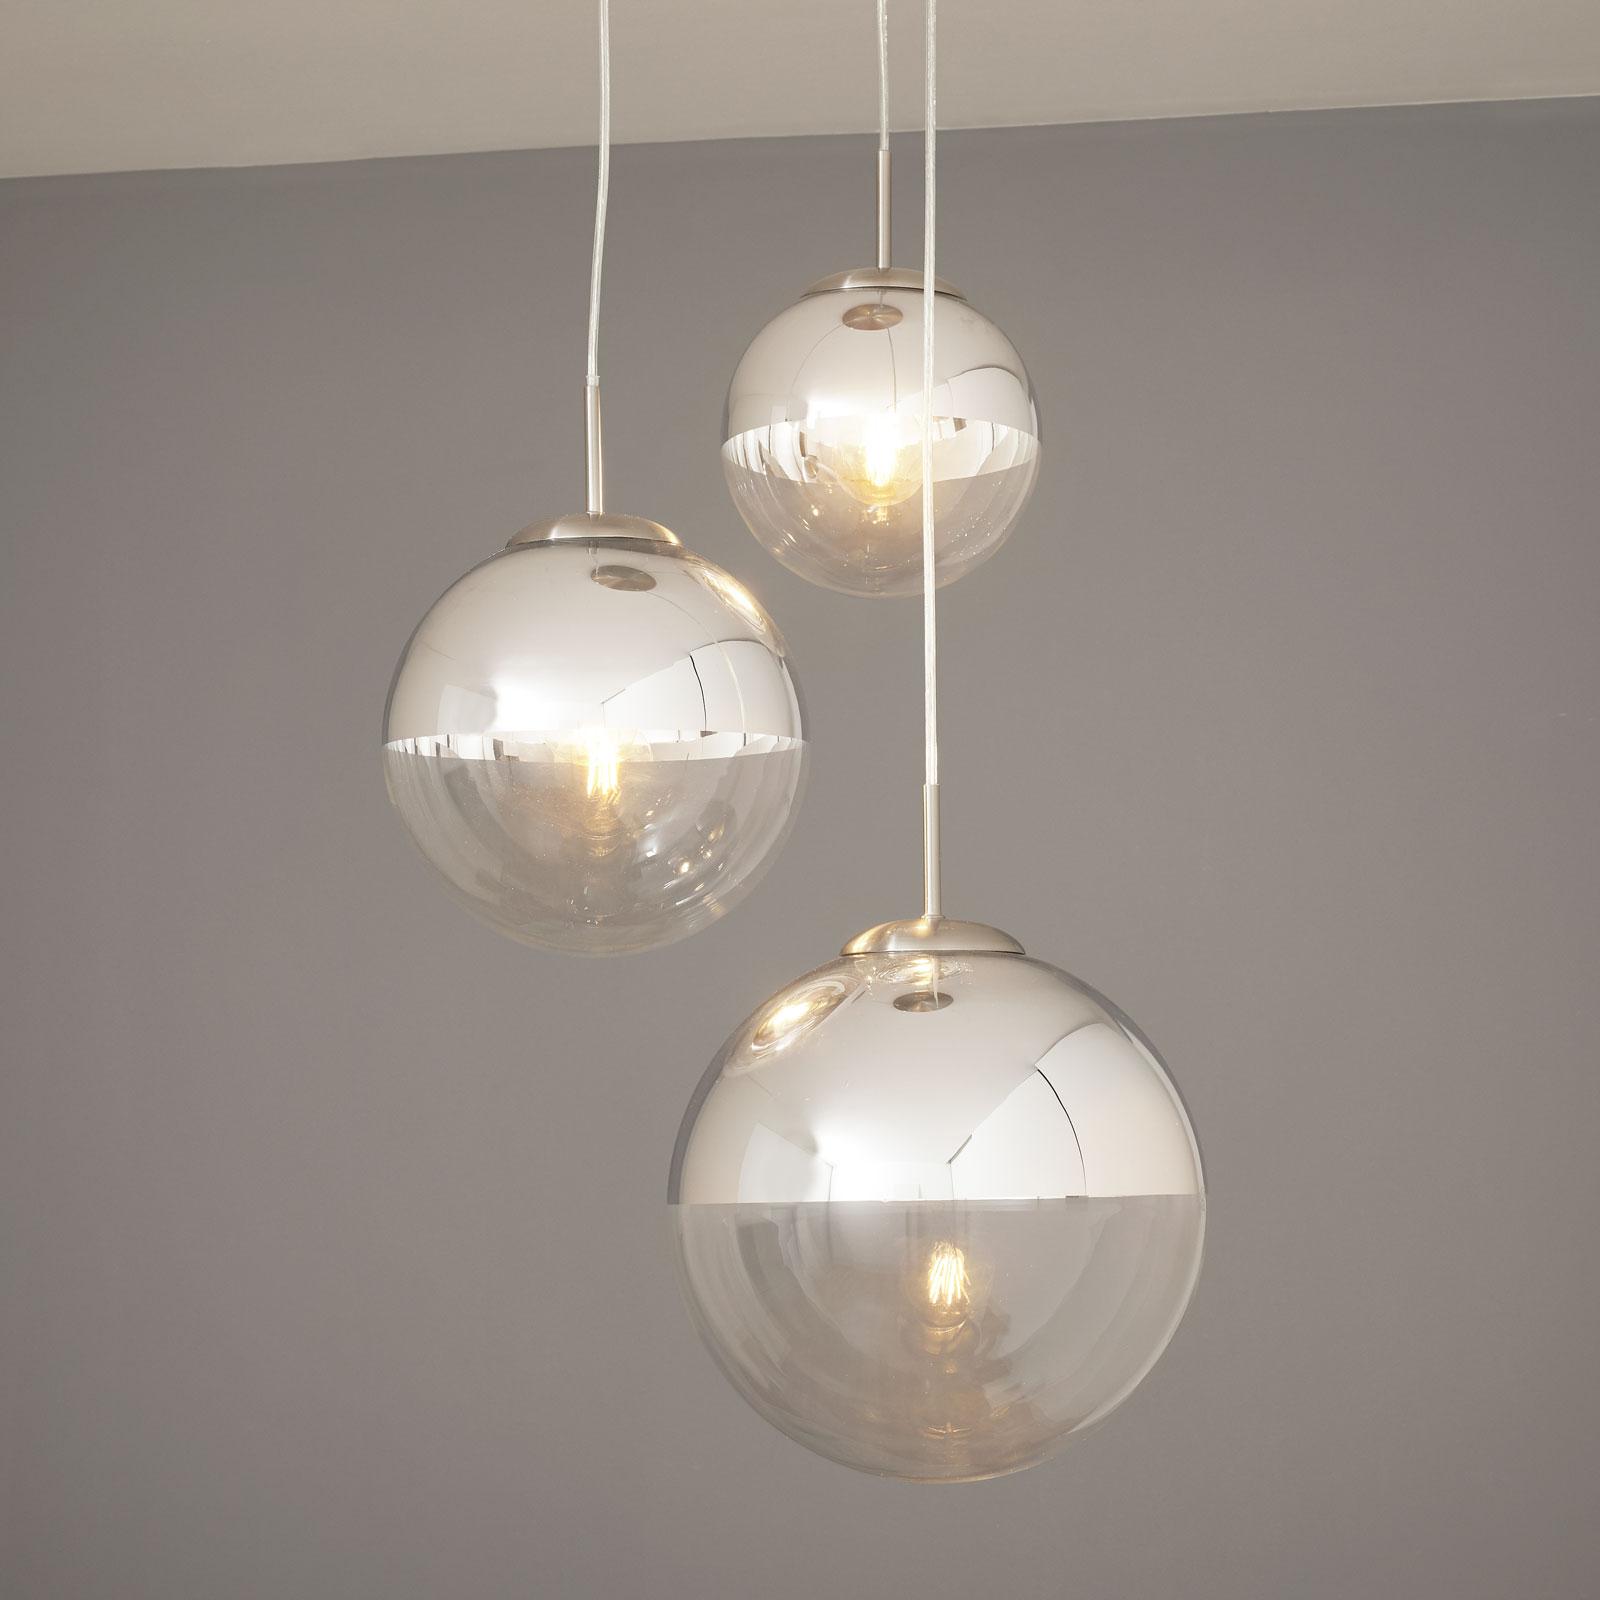 Pendellampa Ravena med glasklot, 3 lampor